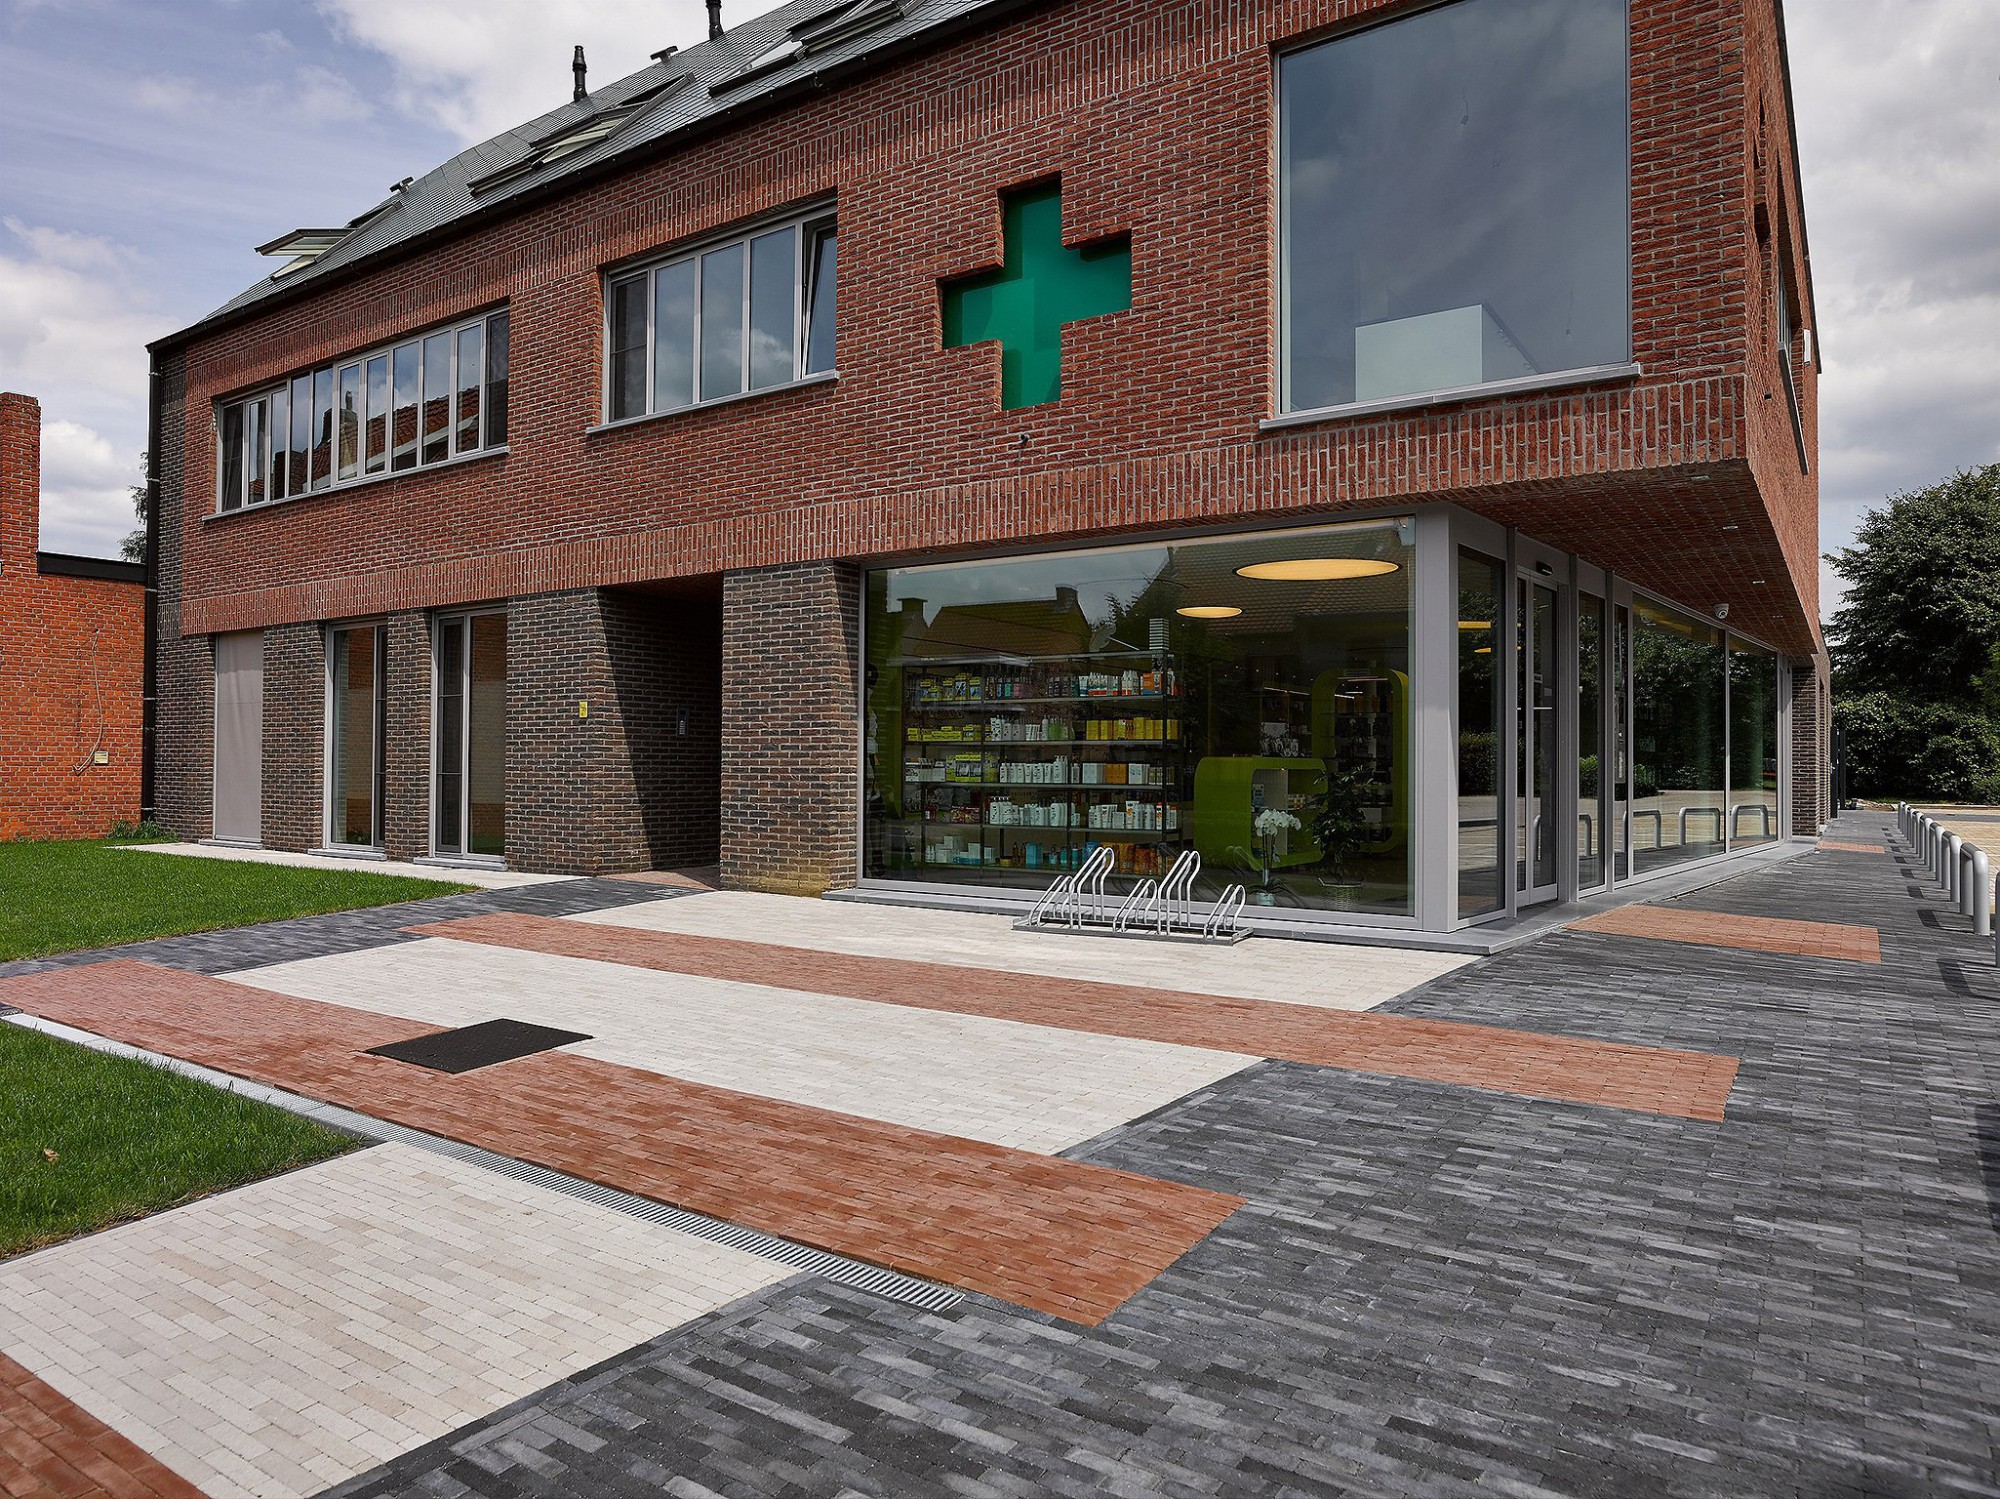 Afbeelding: Architectuur fotografie, appartementen en apotheek Kalmthout, voor Mertens architecten.